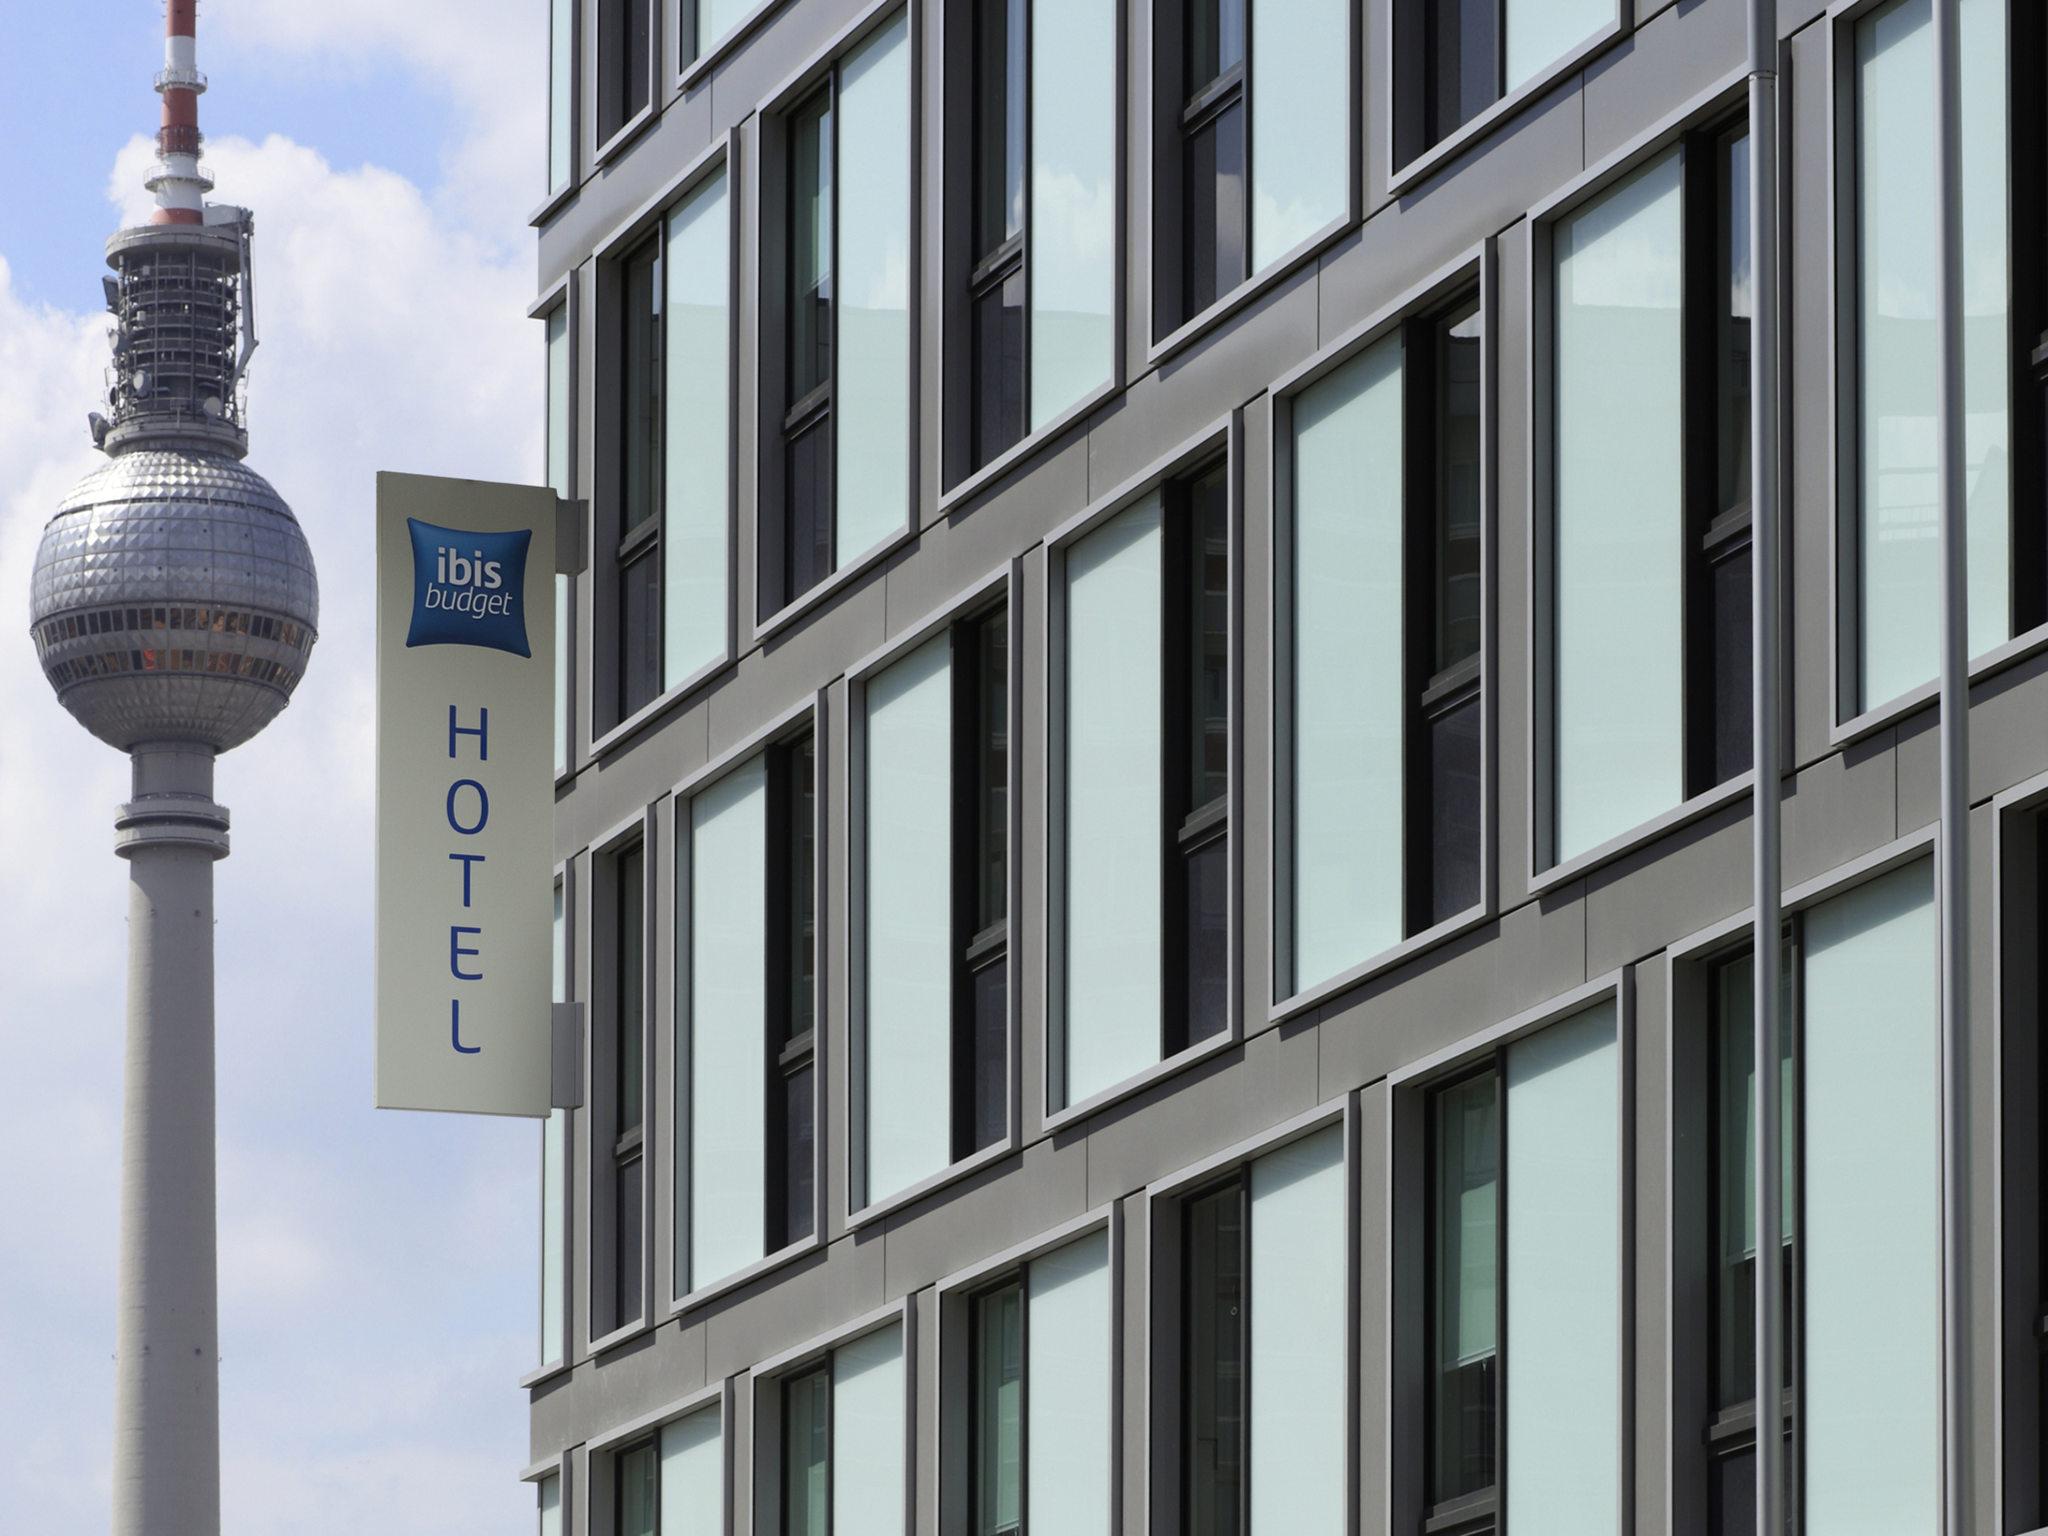 فندق - إيبيس بدجت ibis budget برلين ألكسندر بلاتز